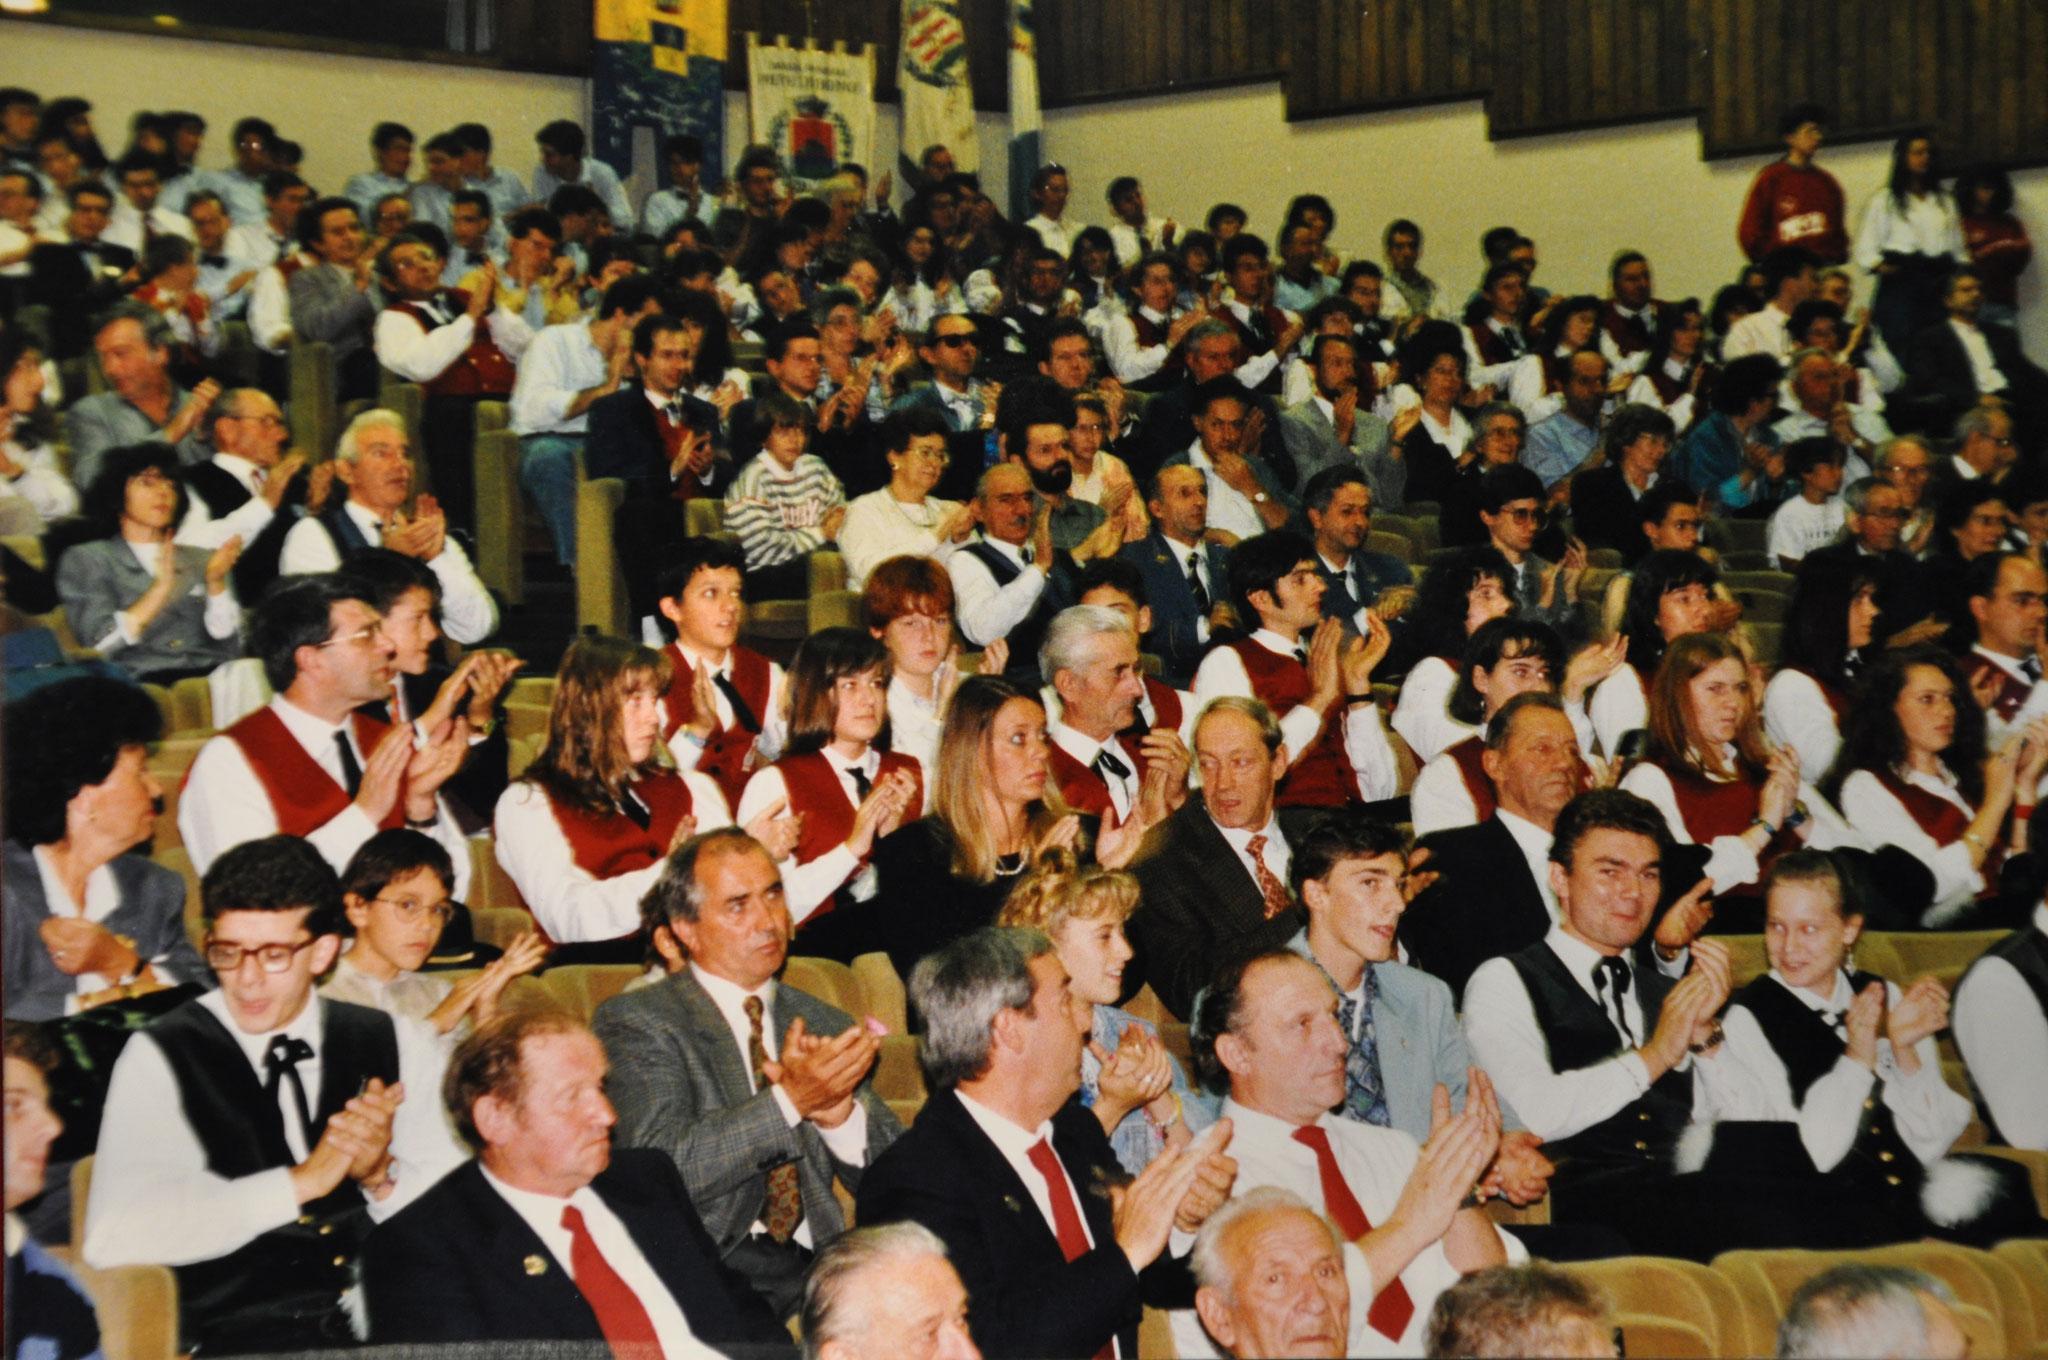 1993 - Auditorium S.Chiara per 30° di fondazione Federazione Corpi Bandistici di Trento